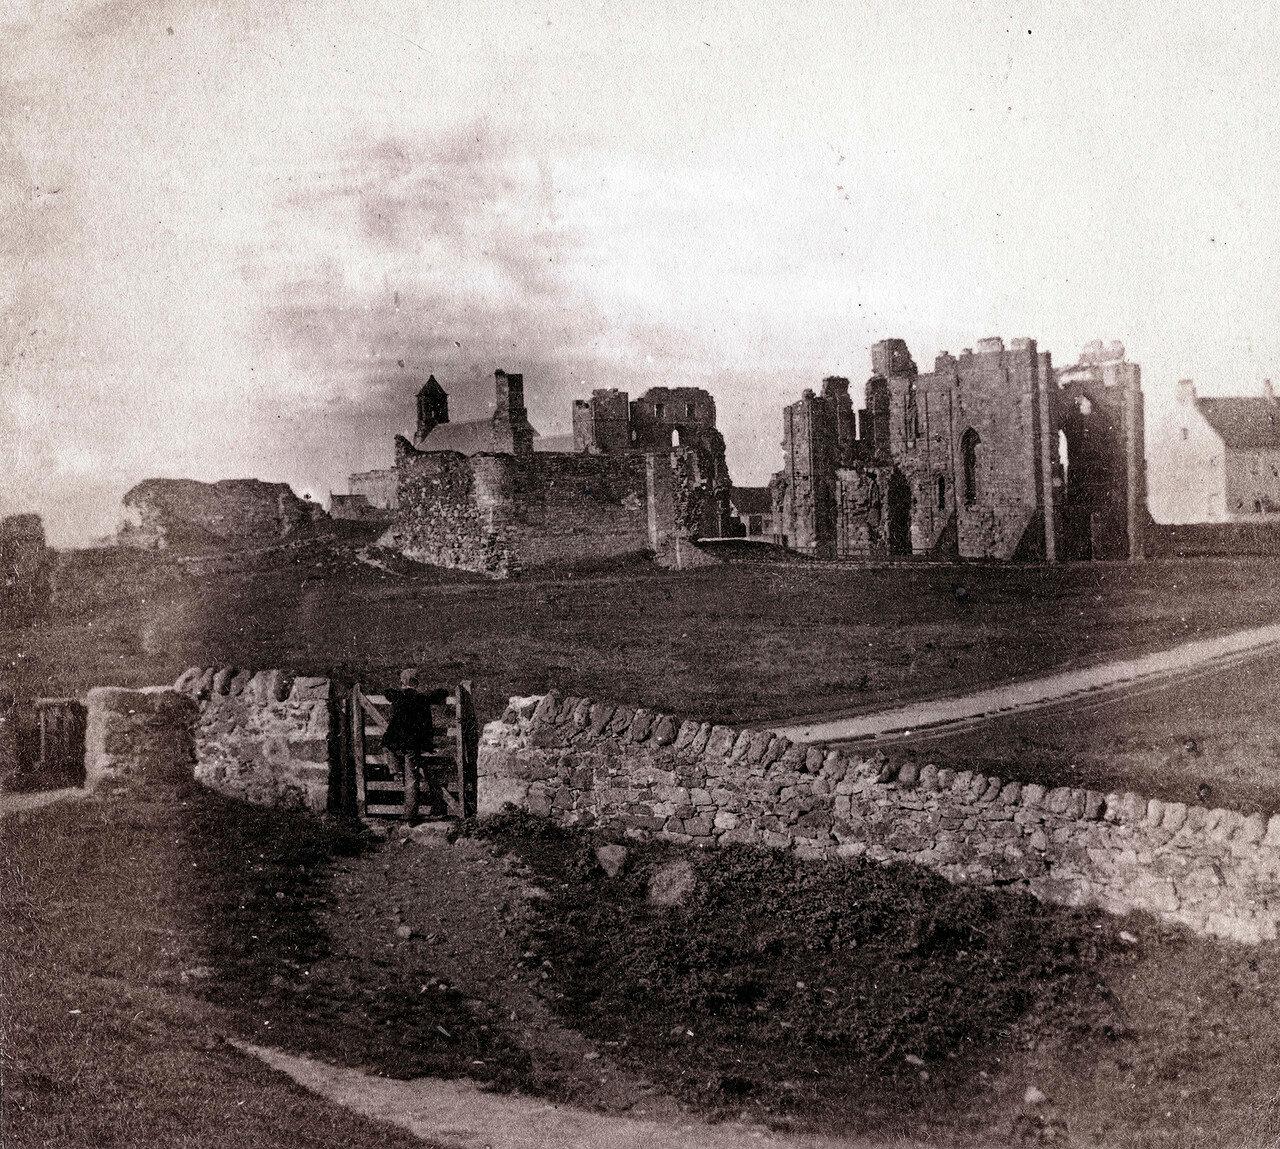 Линдисфарнский замок, общий вид. Великобритания, 1864